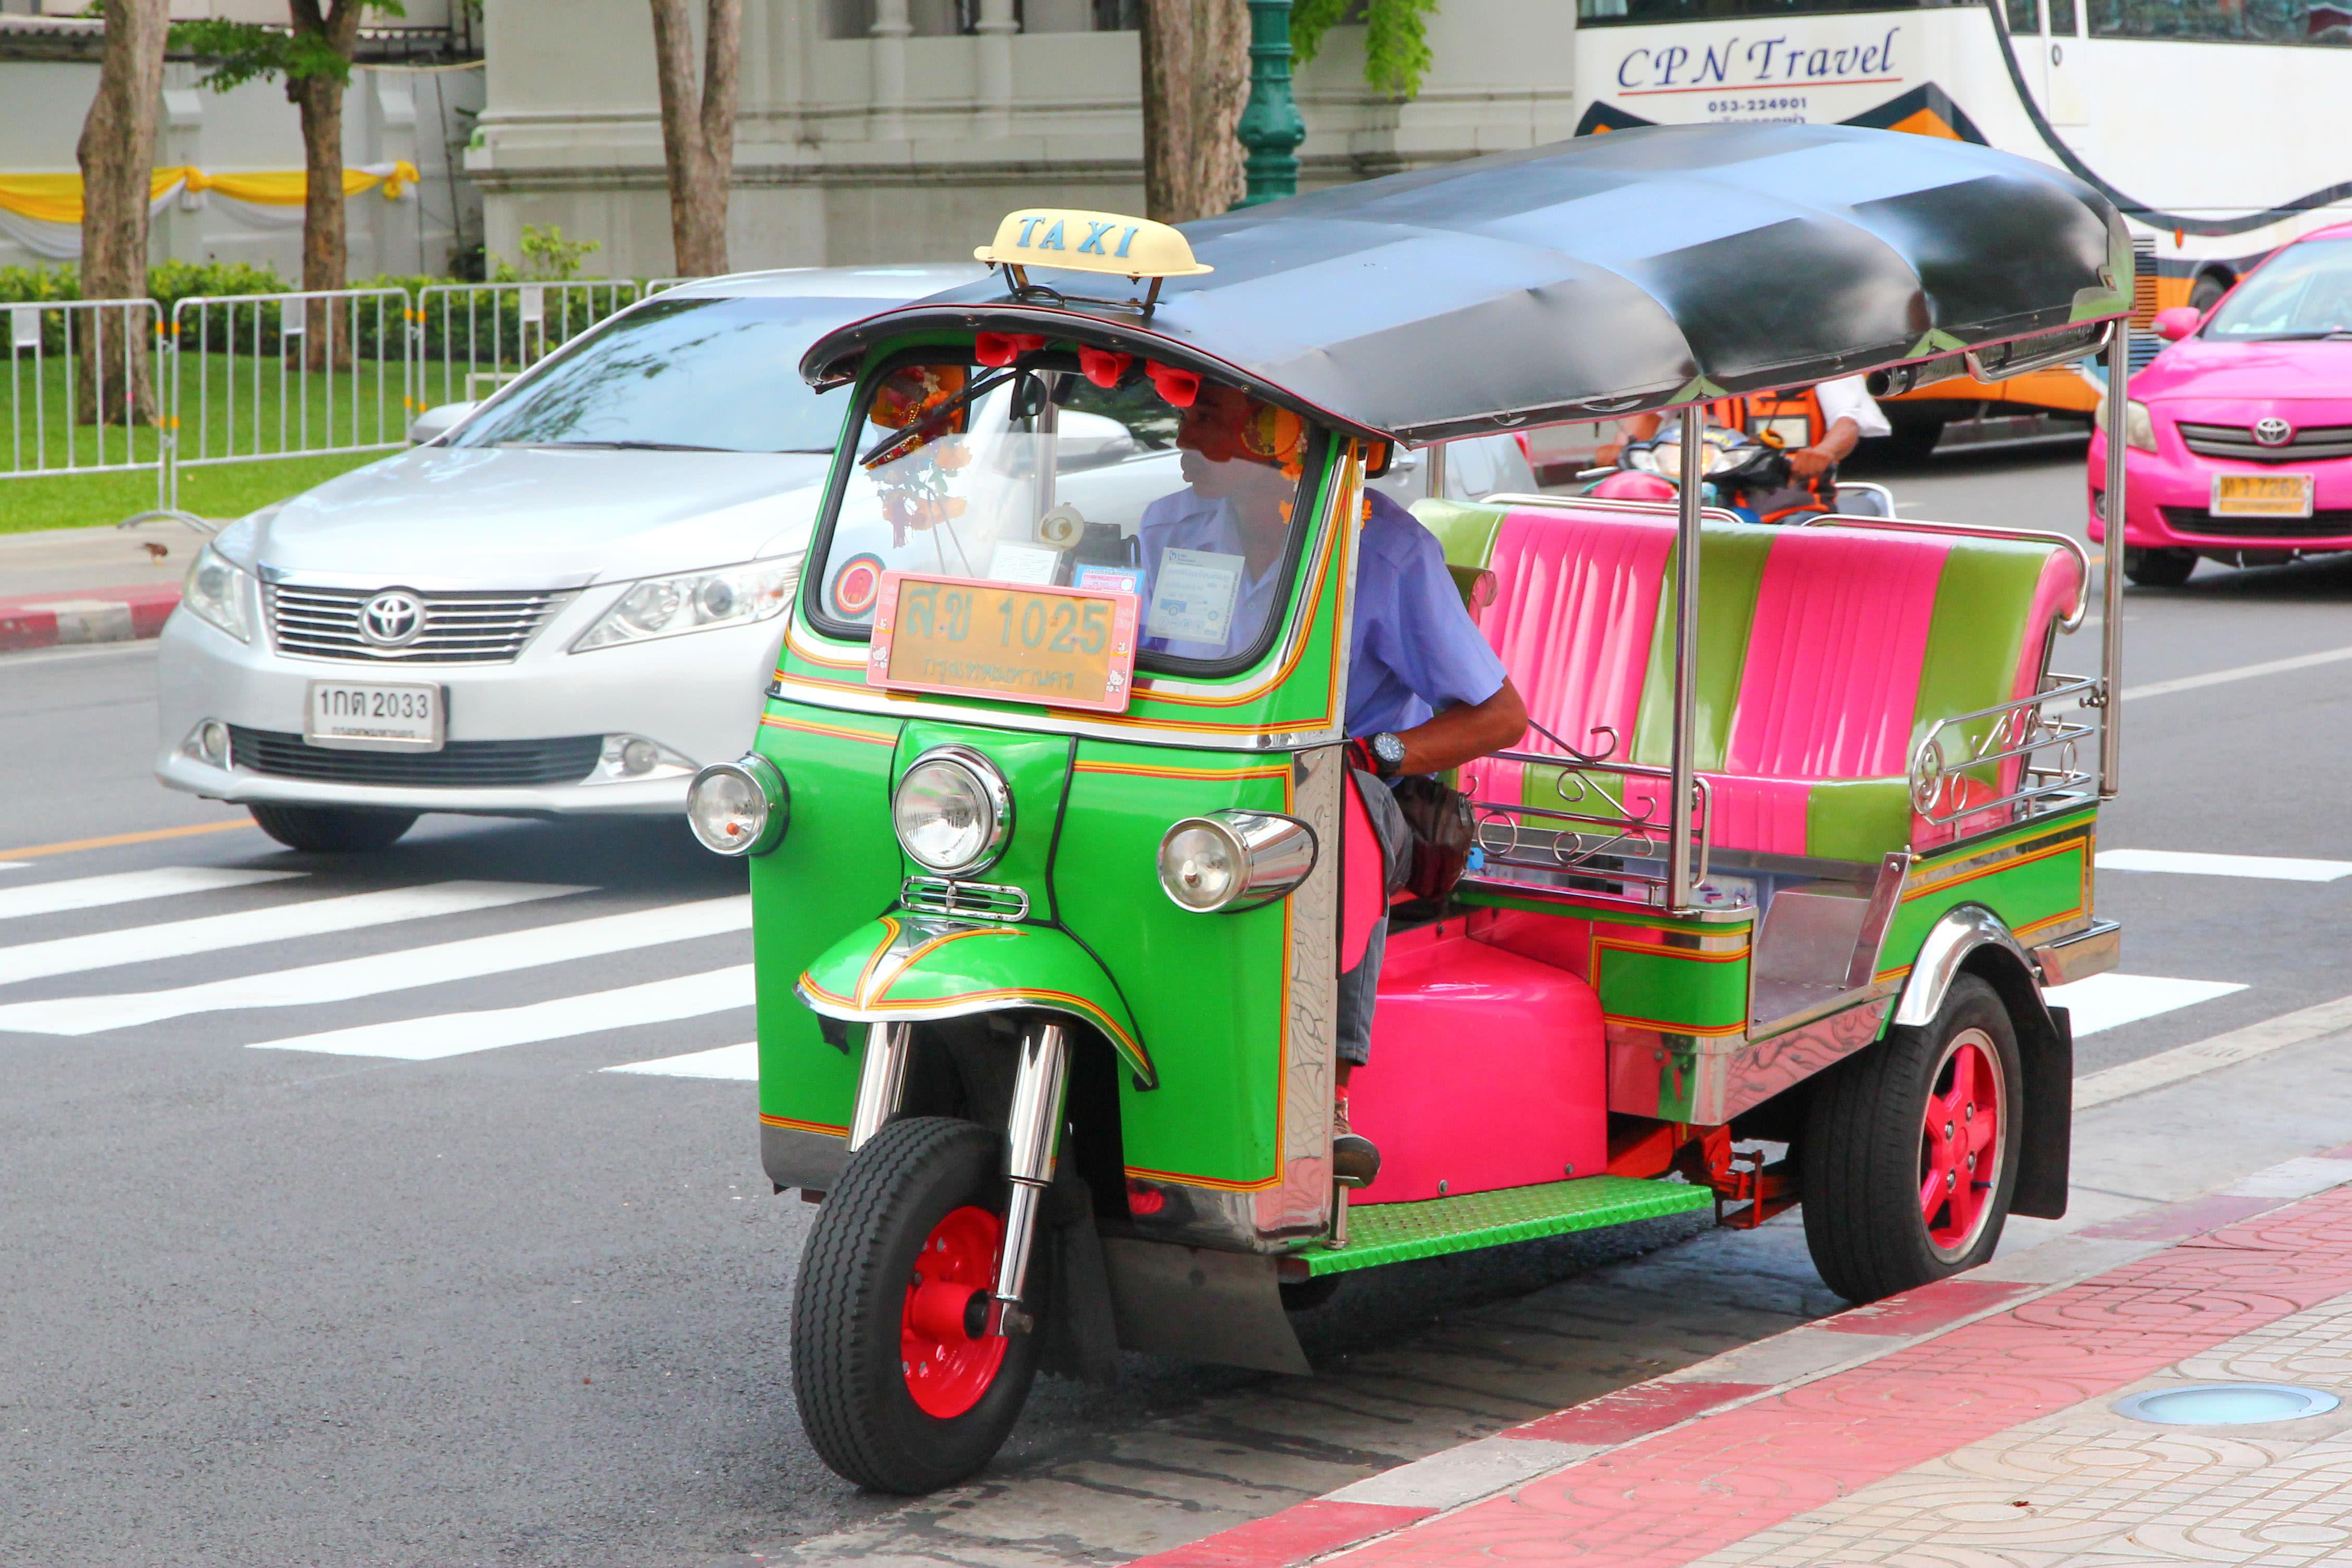 嘟嘟車常會亂喊價,搭乘要小心喔!攝影:Rex。